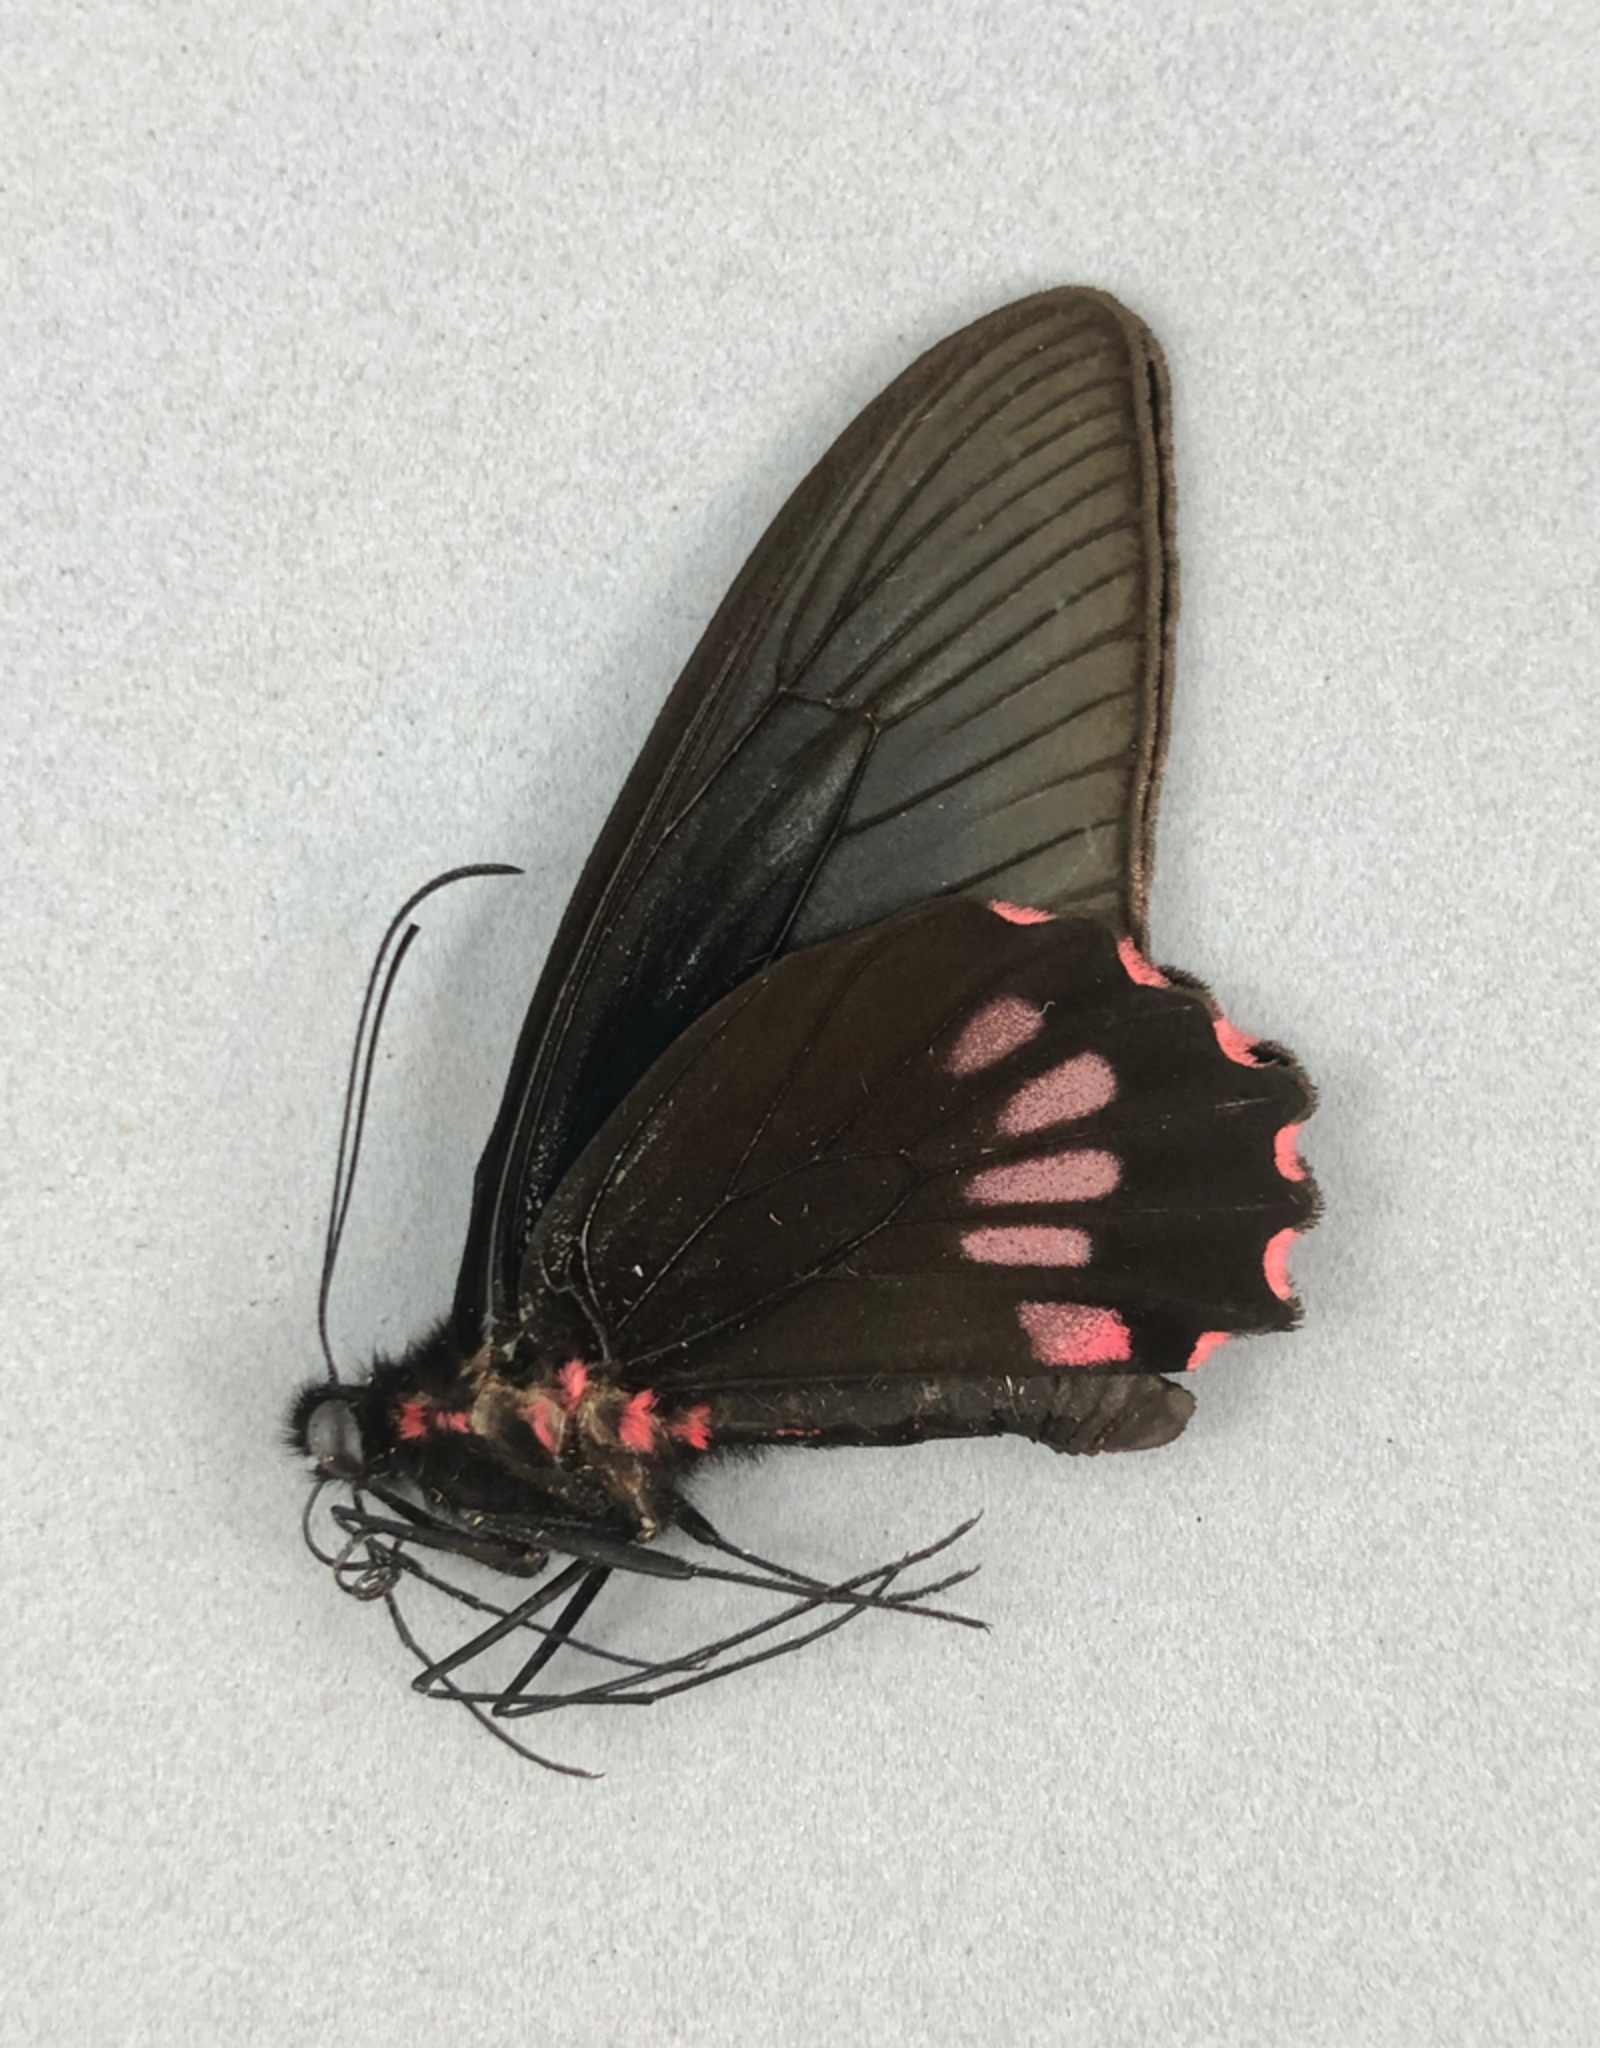 Parides neophilus olivencius M A1 Peru